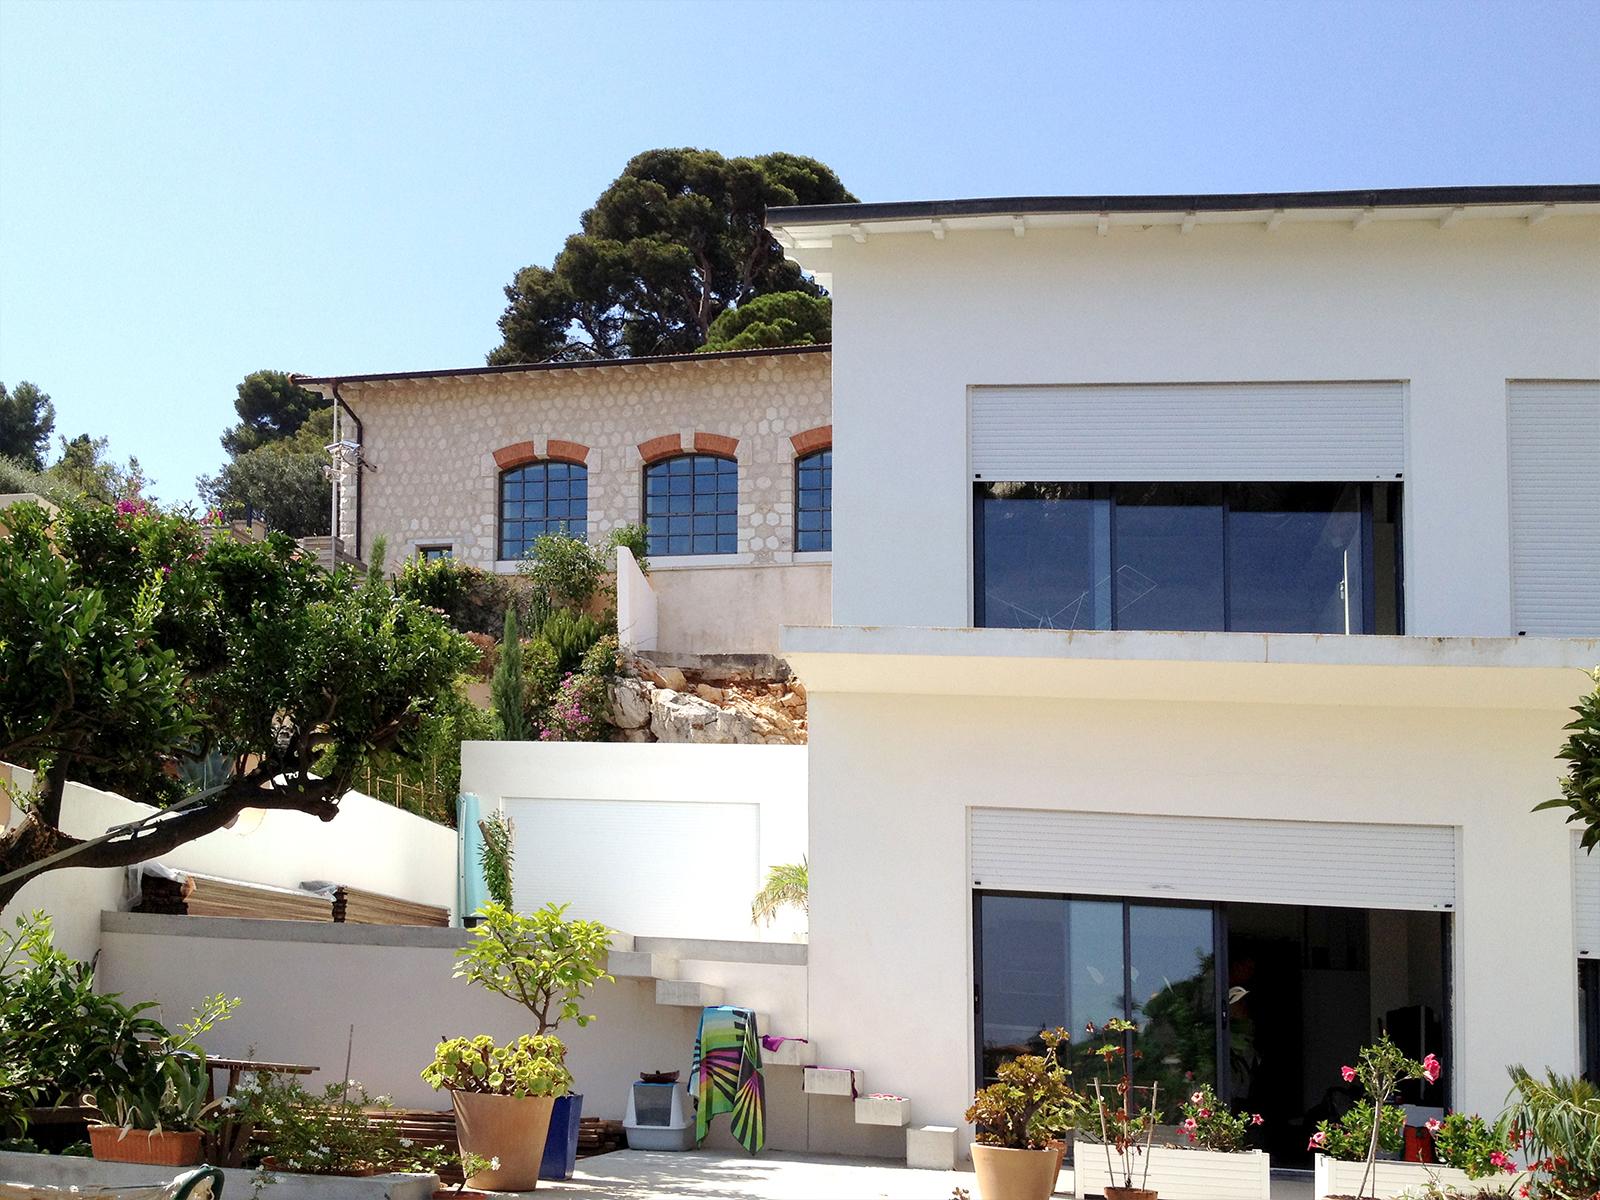 olivier-stadler-architecte-appartement-villefranche-vignette